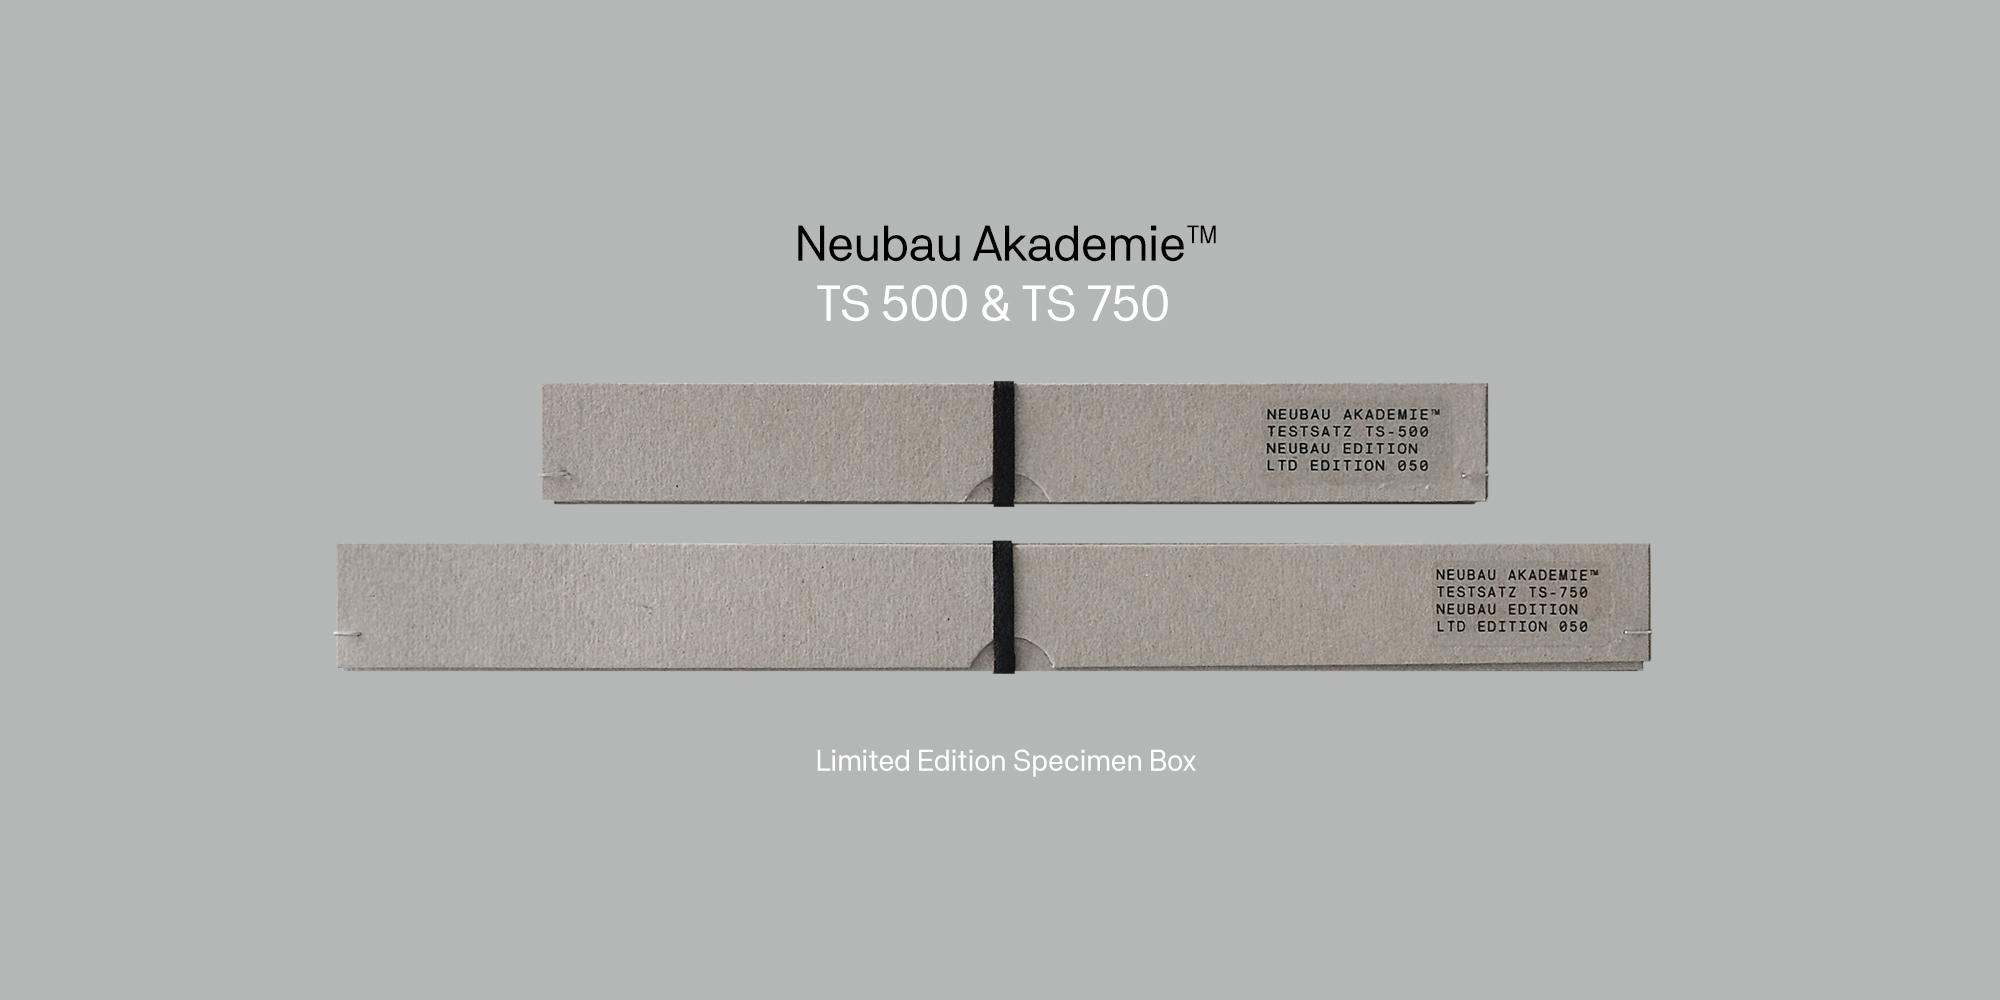 NB-Ak-TS-750-500-ED-Sets